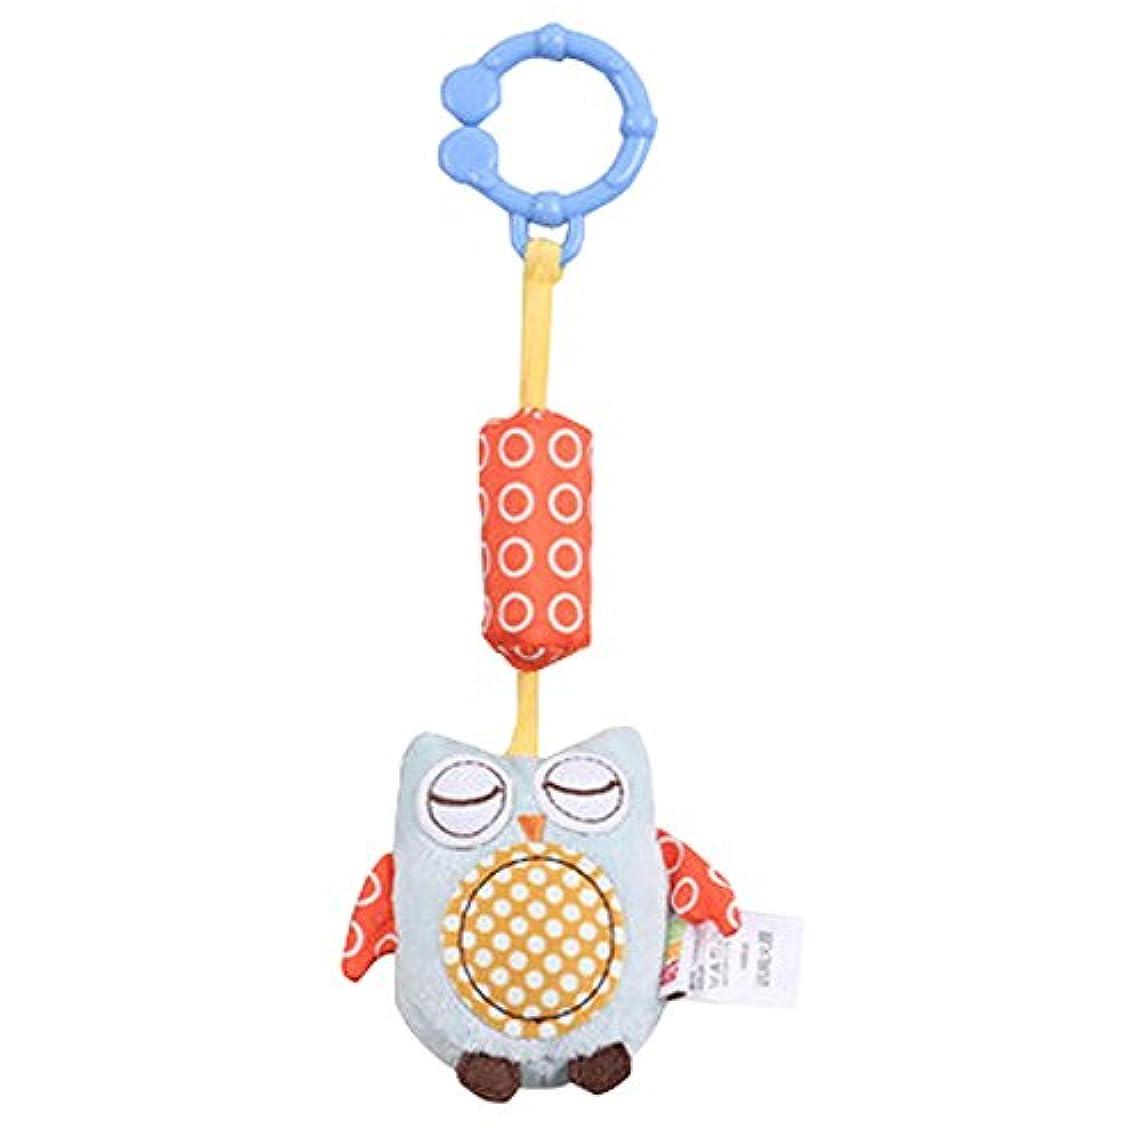 テレビ局はちみつゲインセイペンダントベビーカーぬいぐるみベビーカーの車のためのおもちゃを吊るします